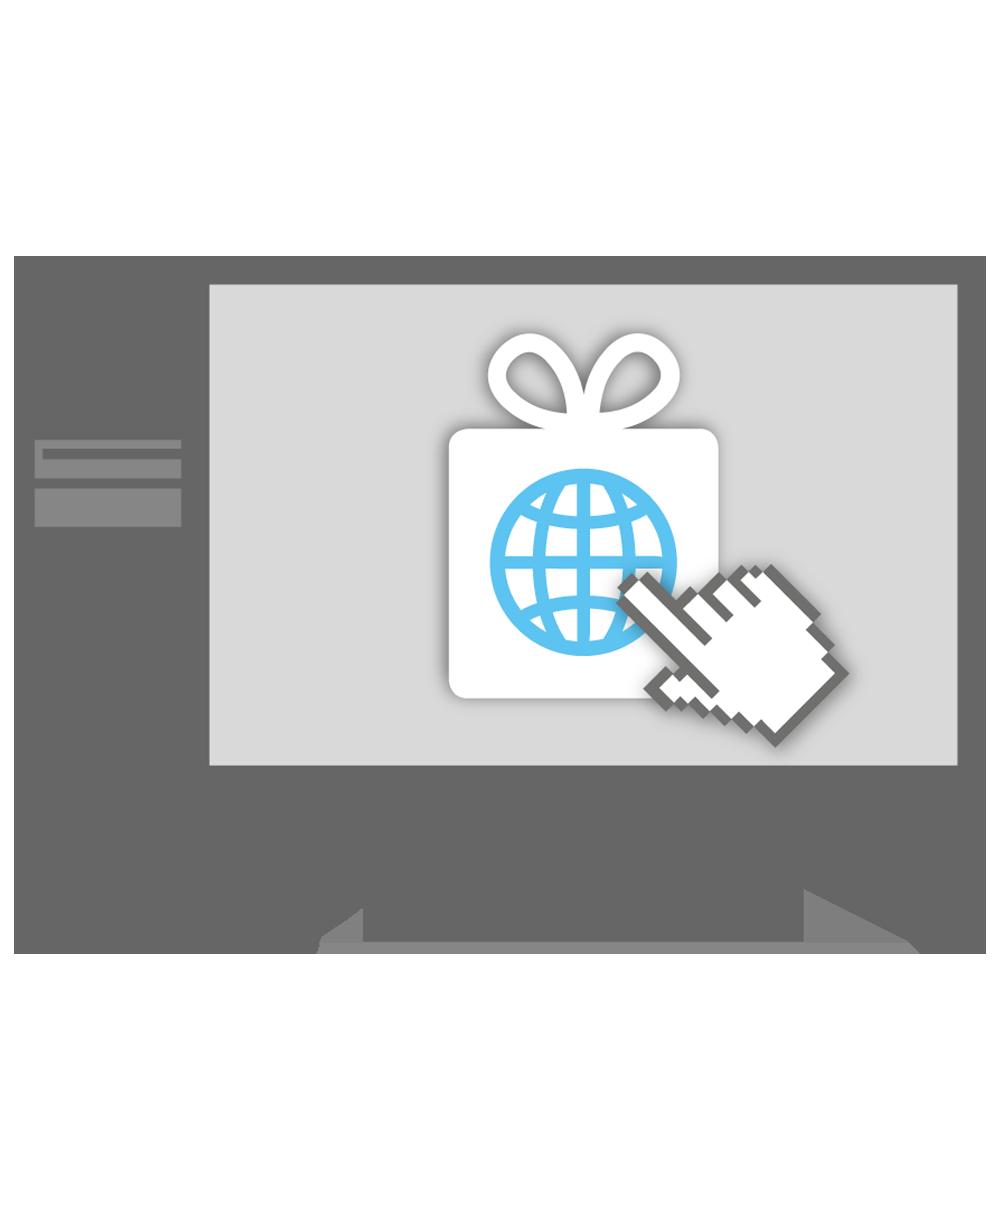 Ihr Benefit-Portal